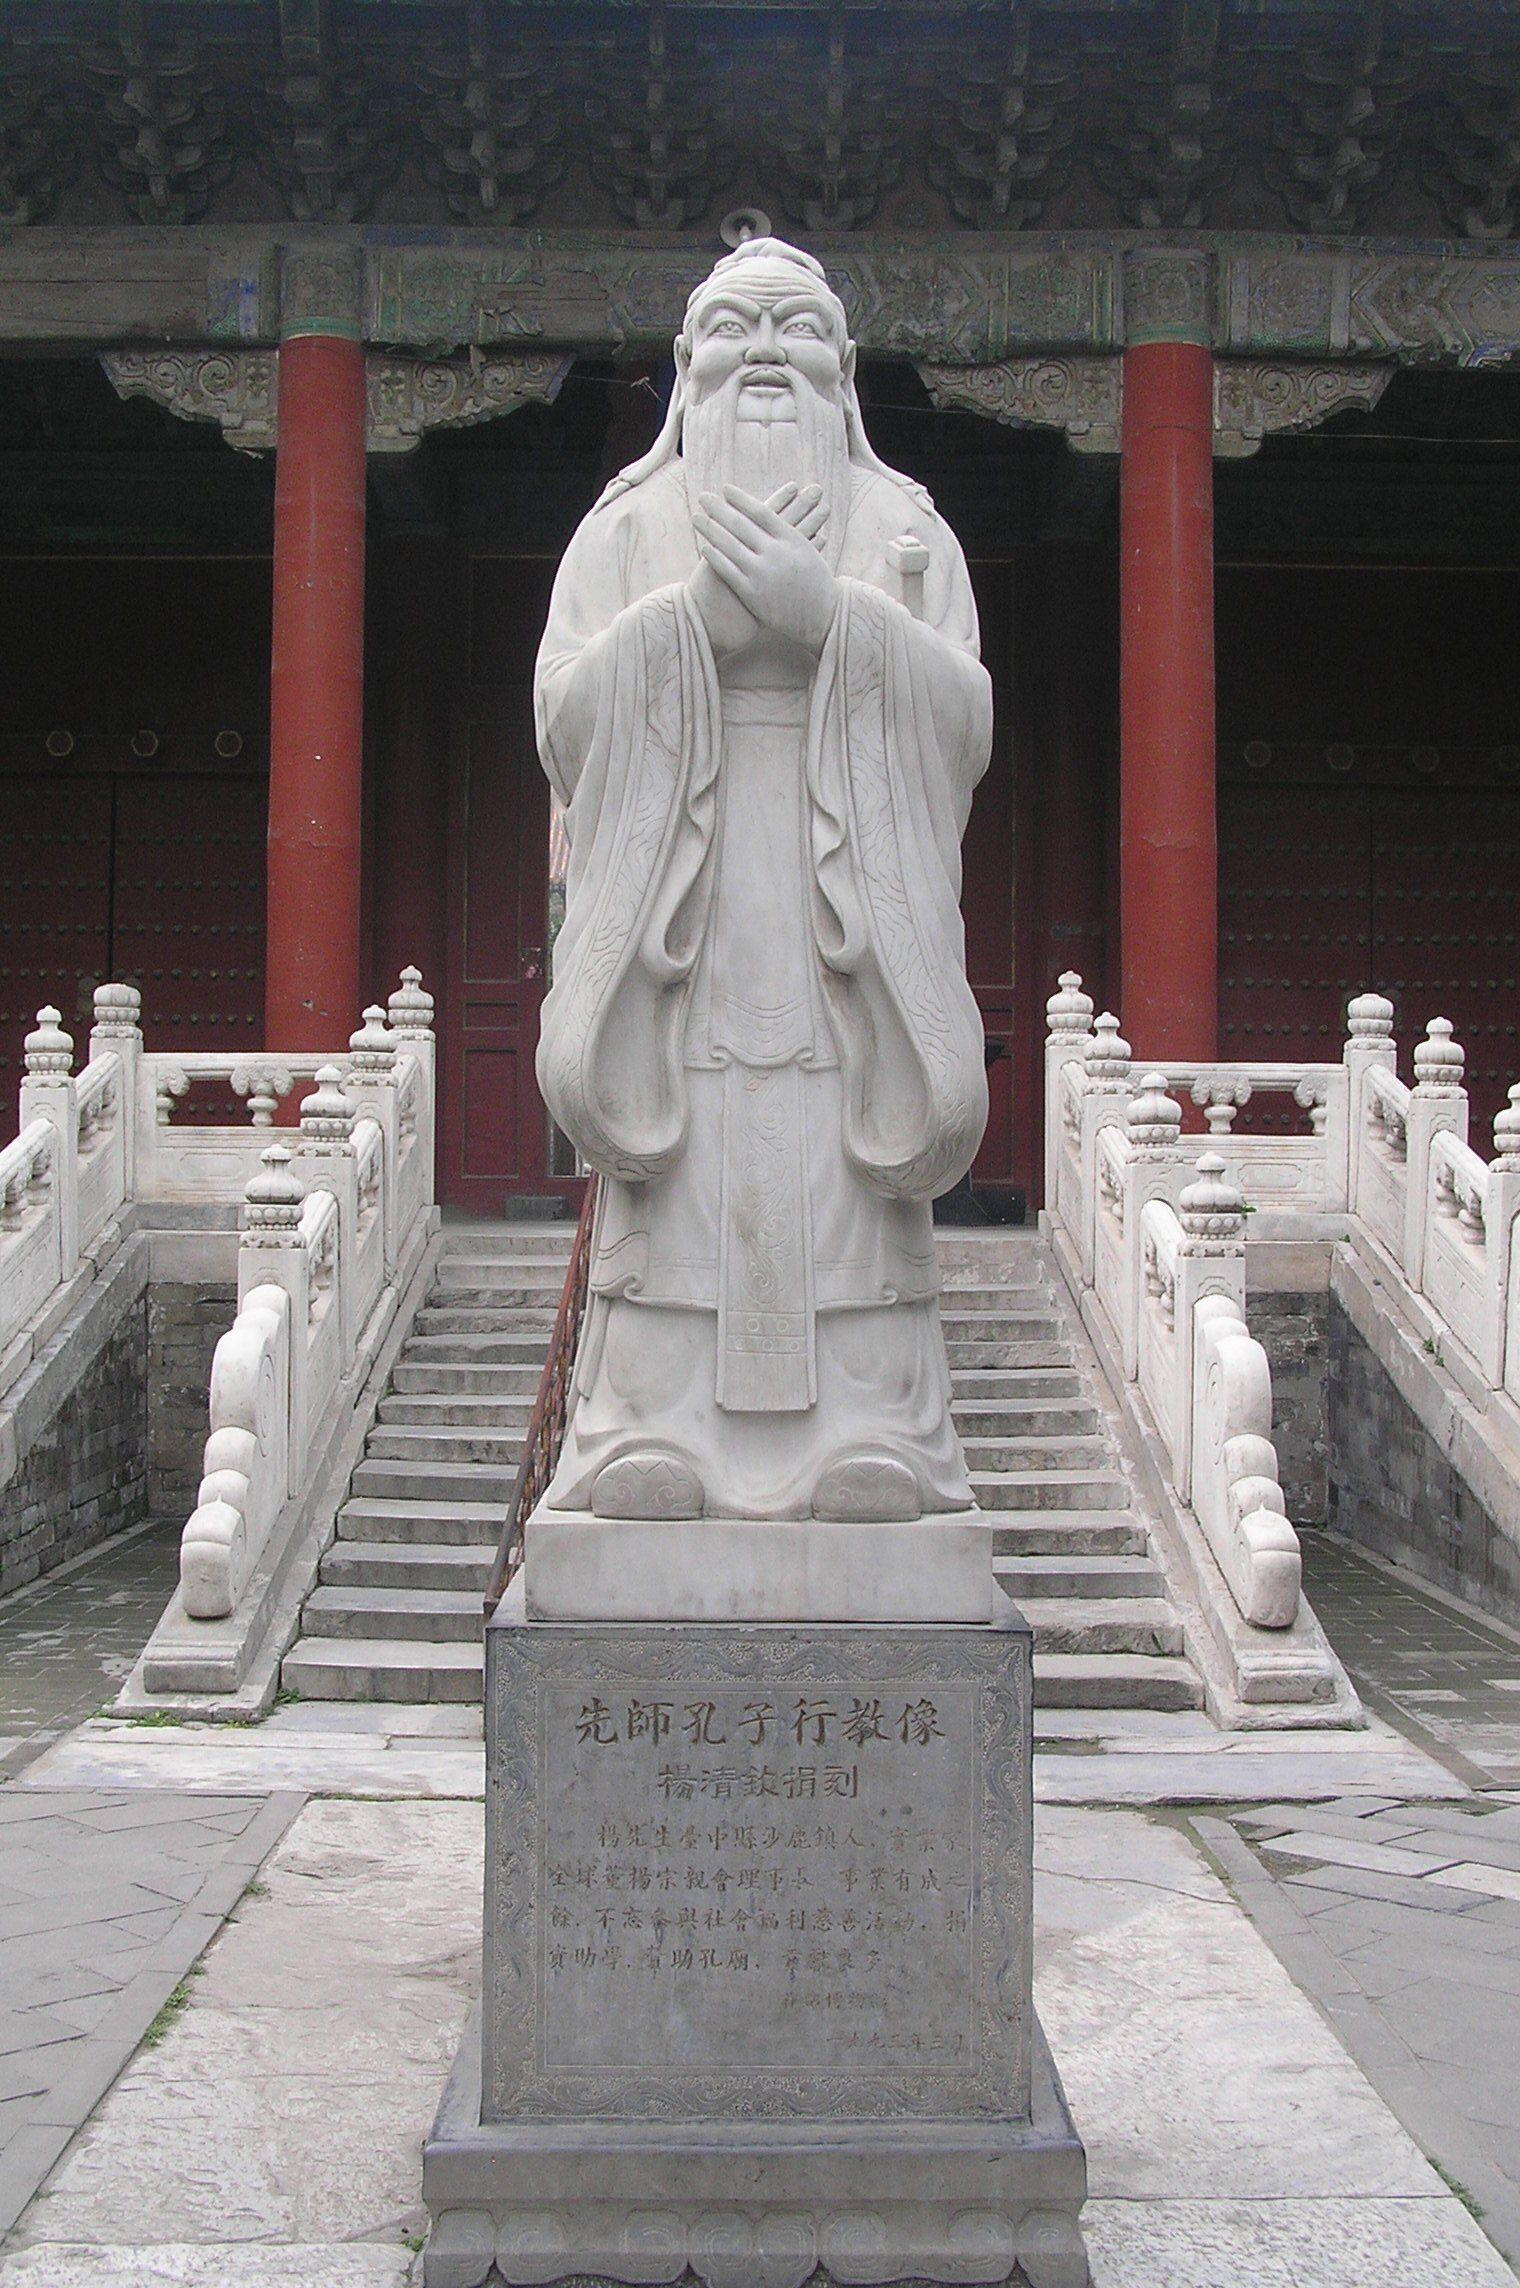 Confucius Statue At Confucius Temple In Beijing, China  Confucius